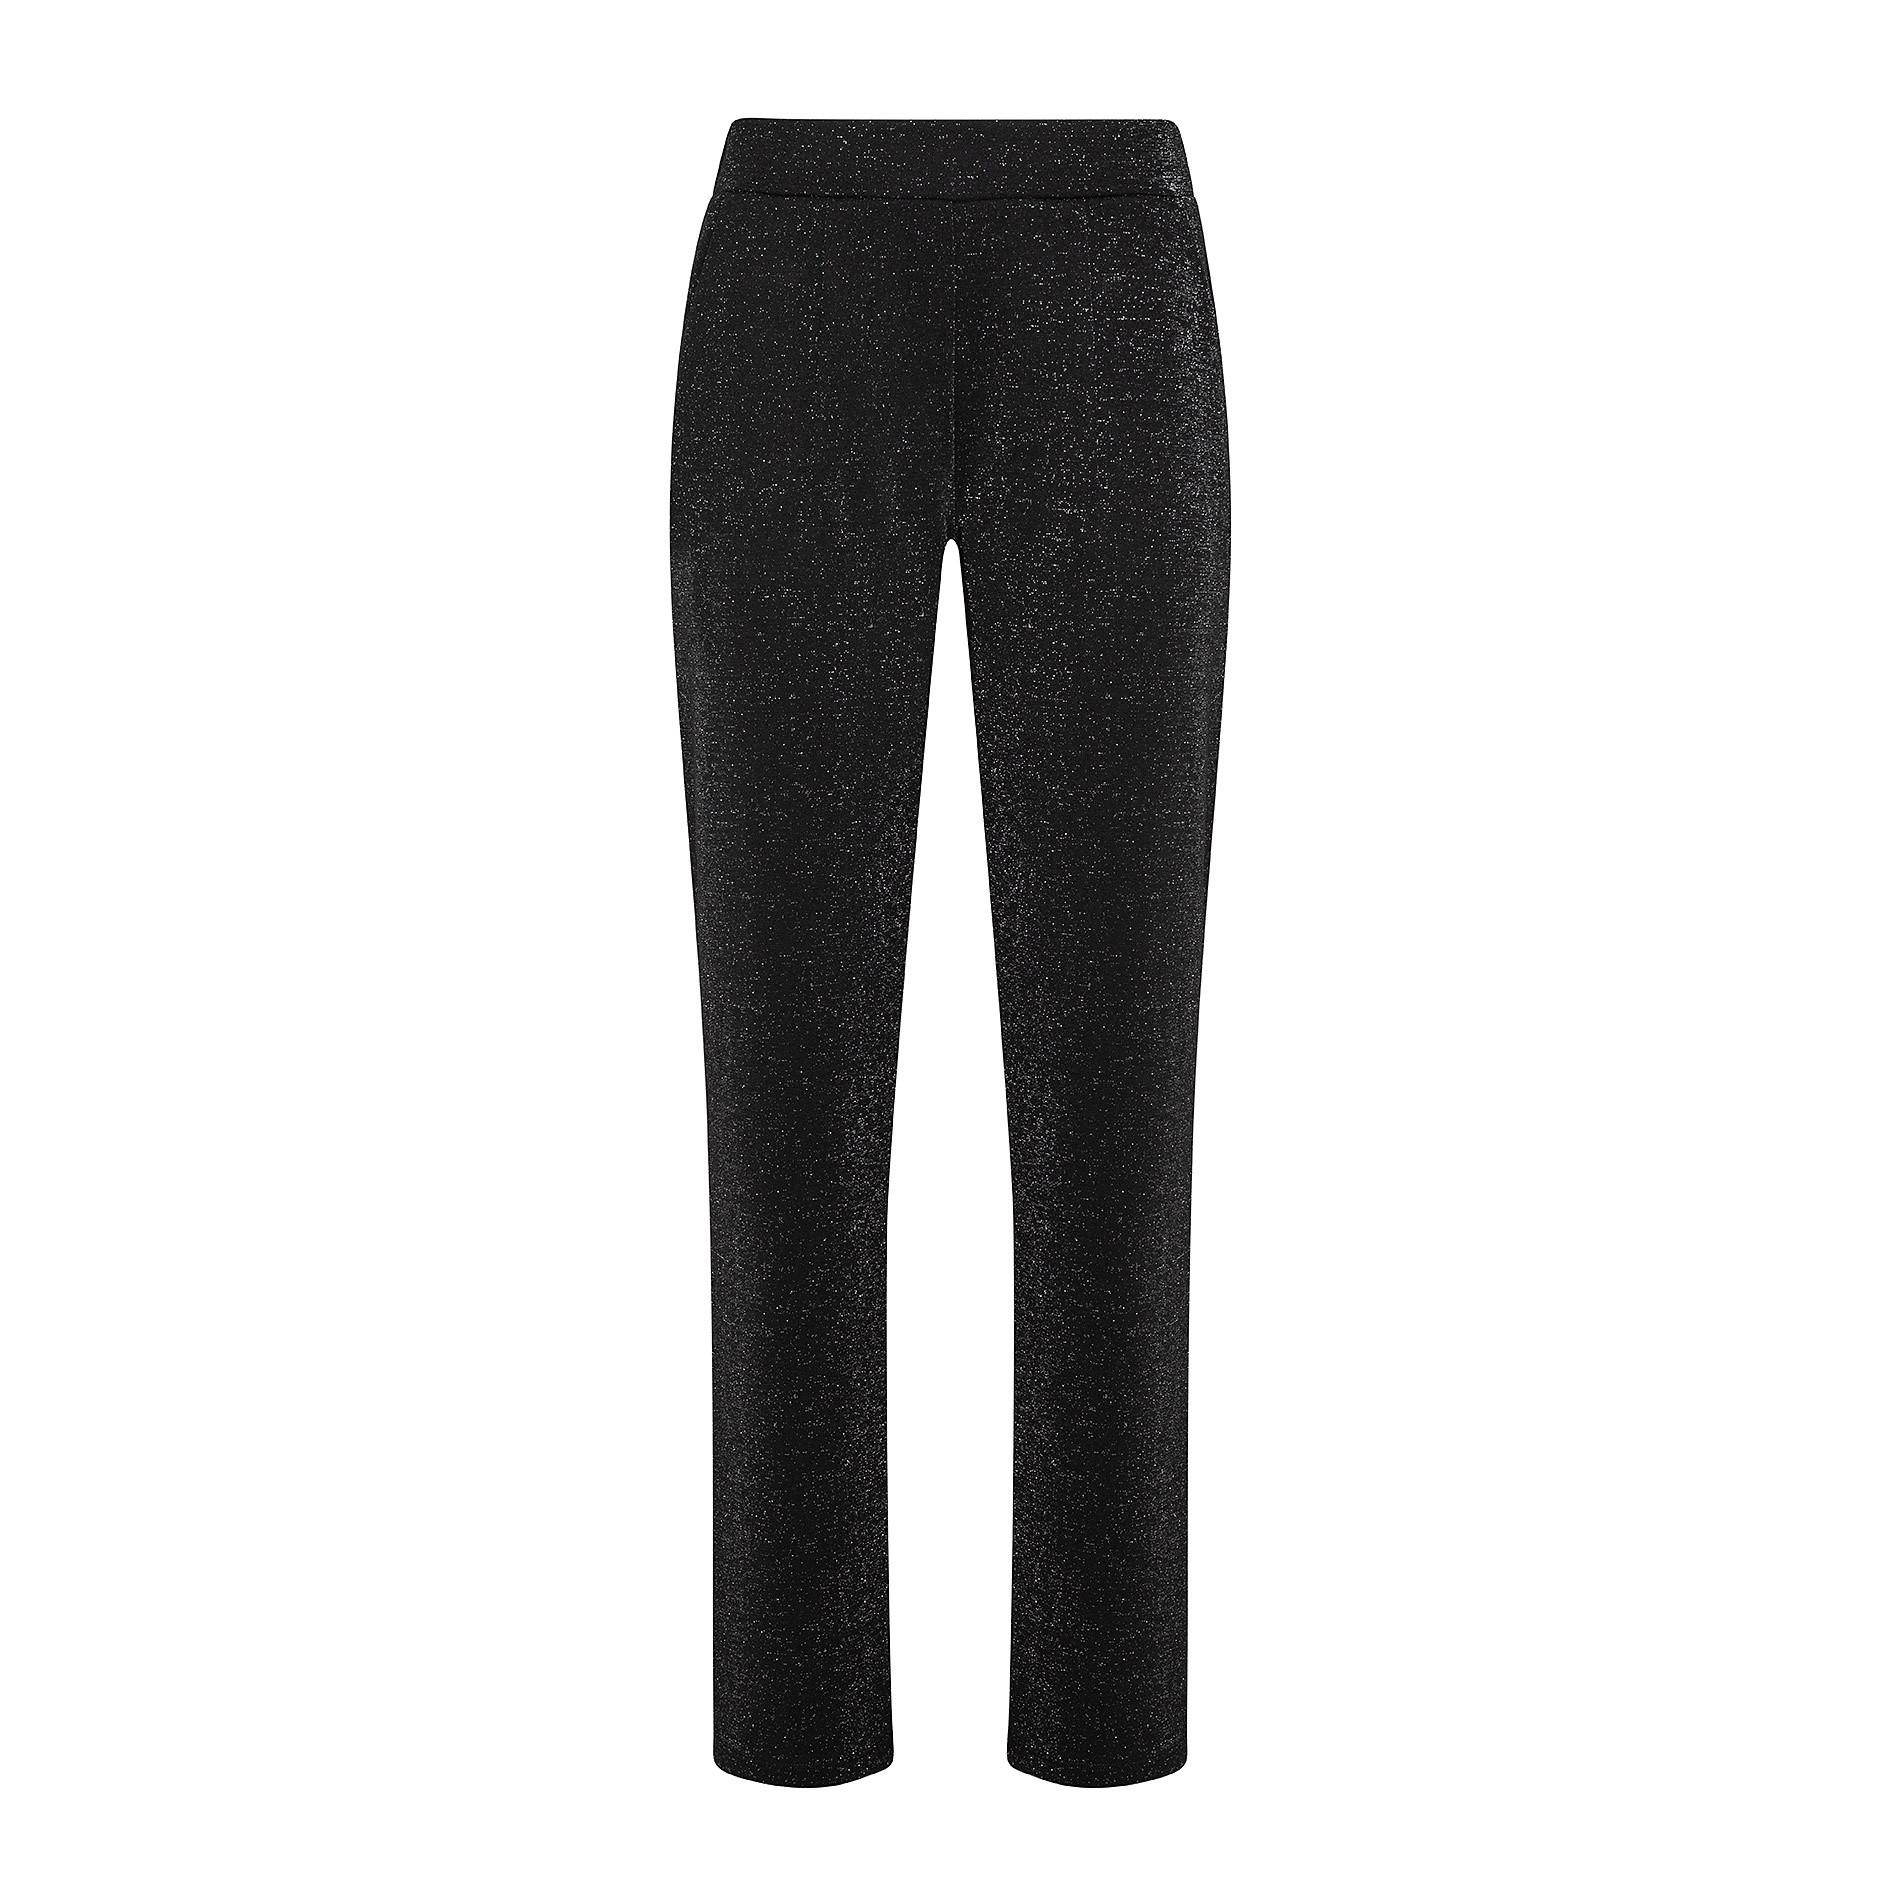 Pantaloni tinta unita con lurex, Nero, large image number 0